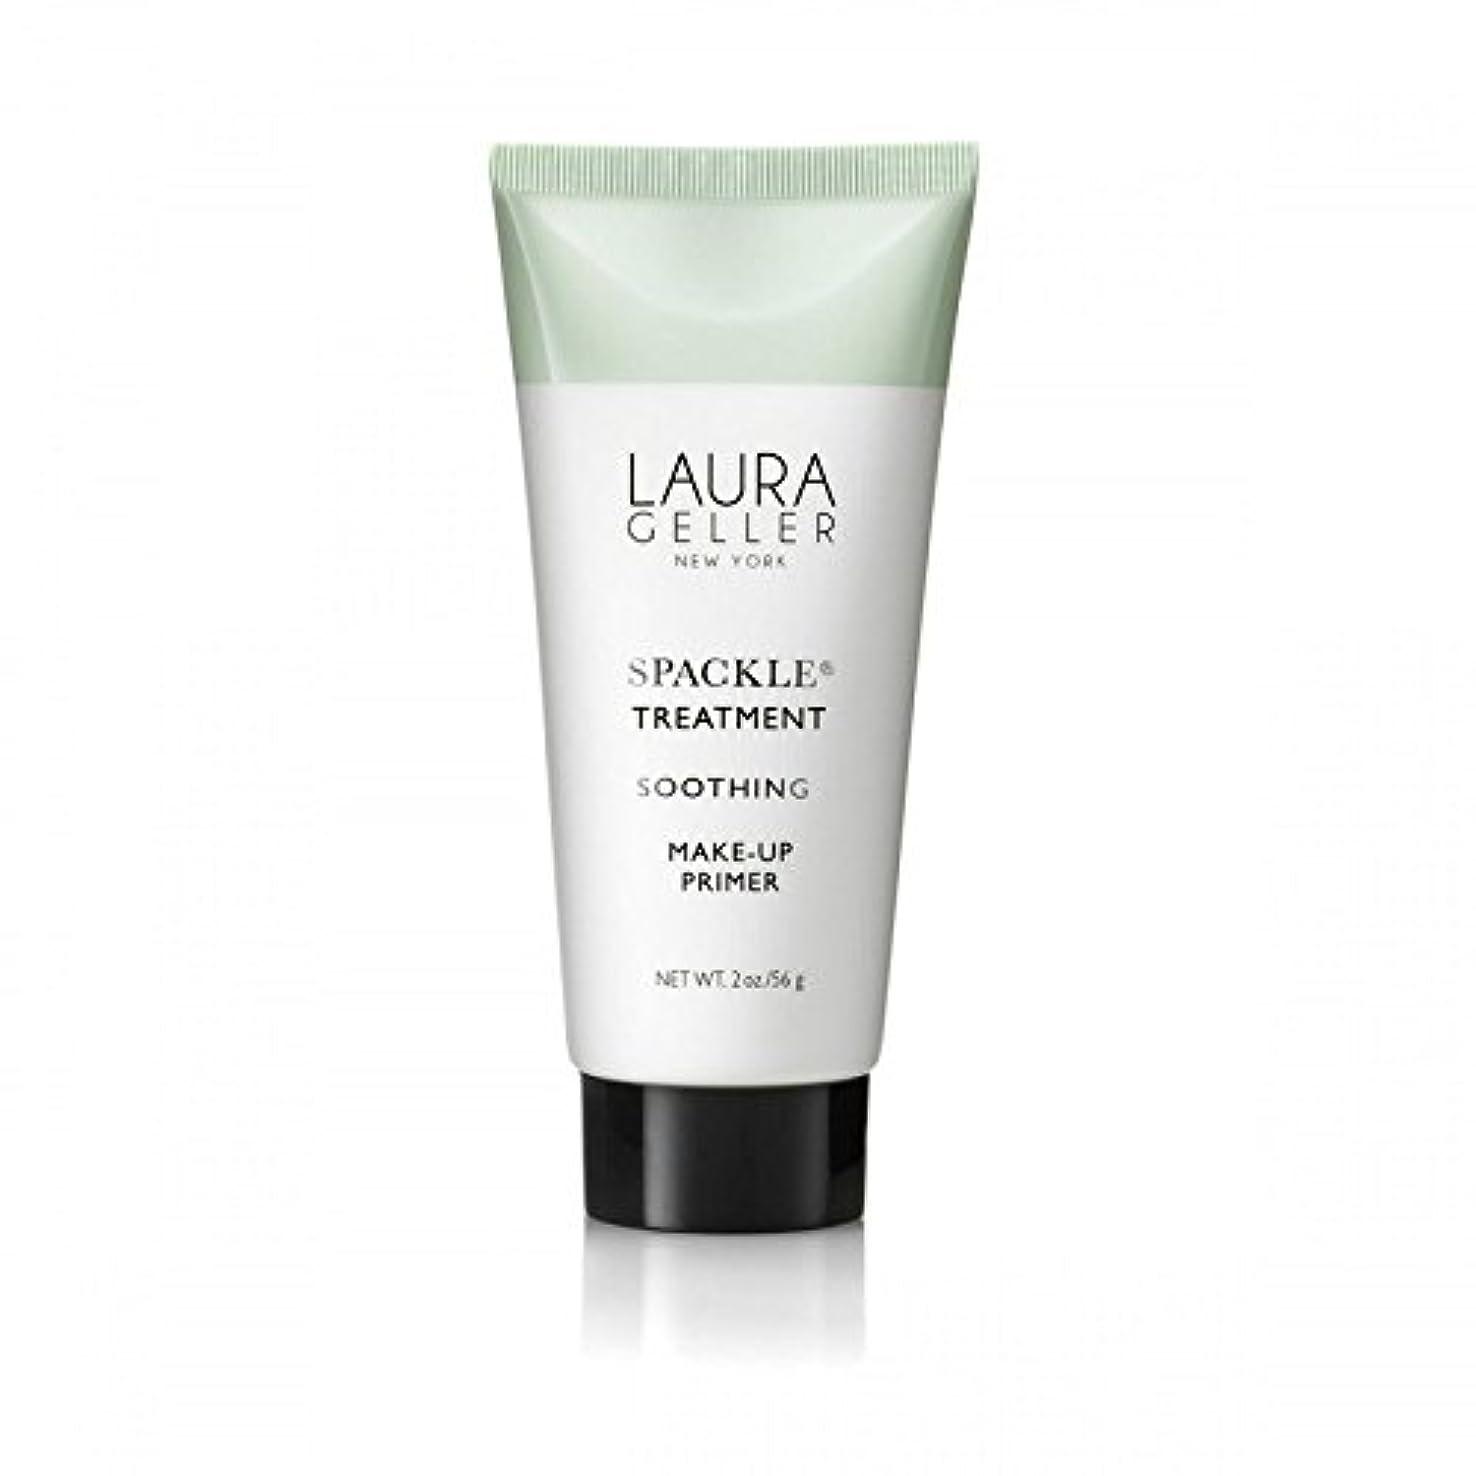 バックリゾートお嬢Laura Geller Spackle Treatment Under Make-Up Primer Soothing (Pack of 6) - メイクアッププライマー癒しの下のローラ?ゲラー 処理 x6 [並行輸入品]